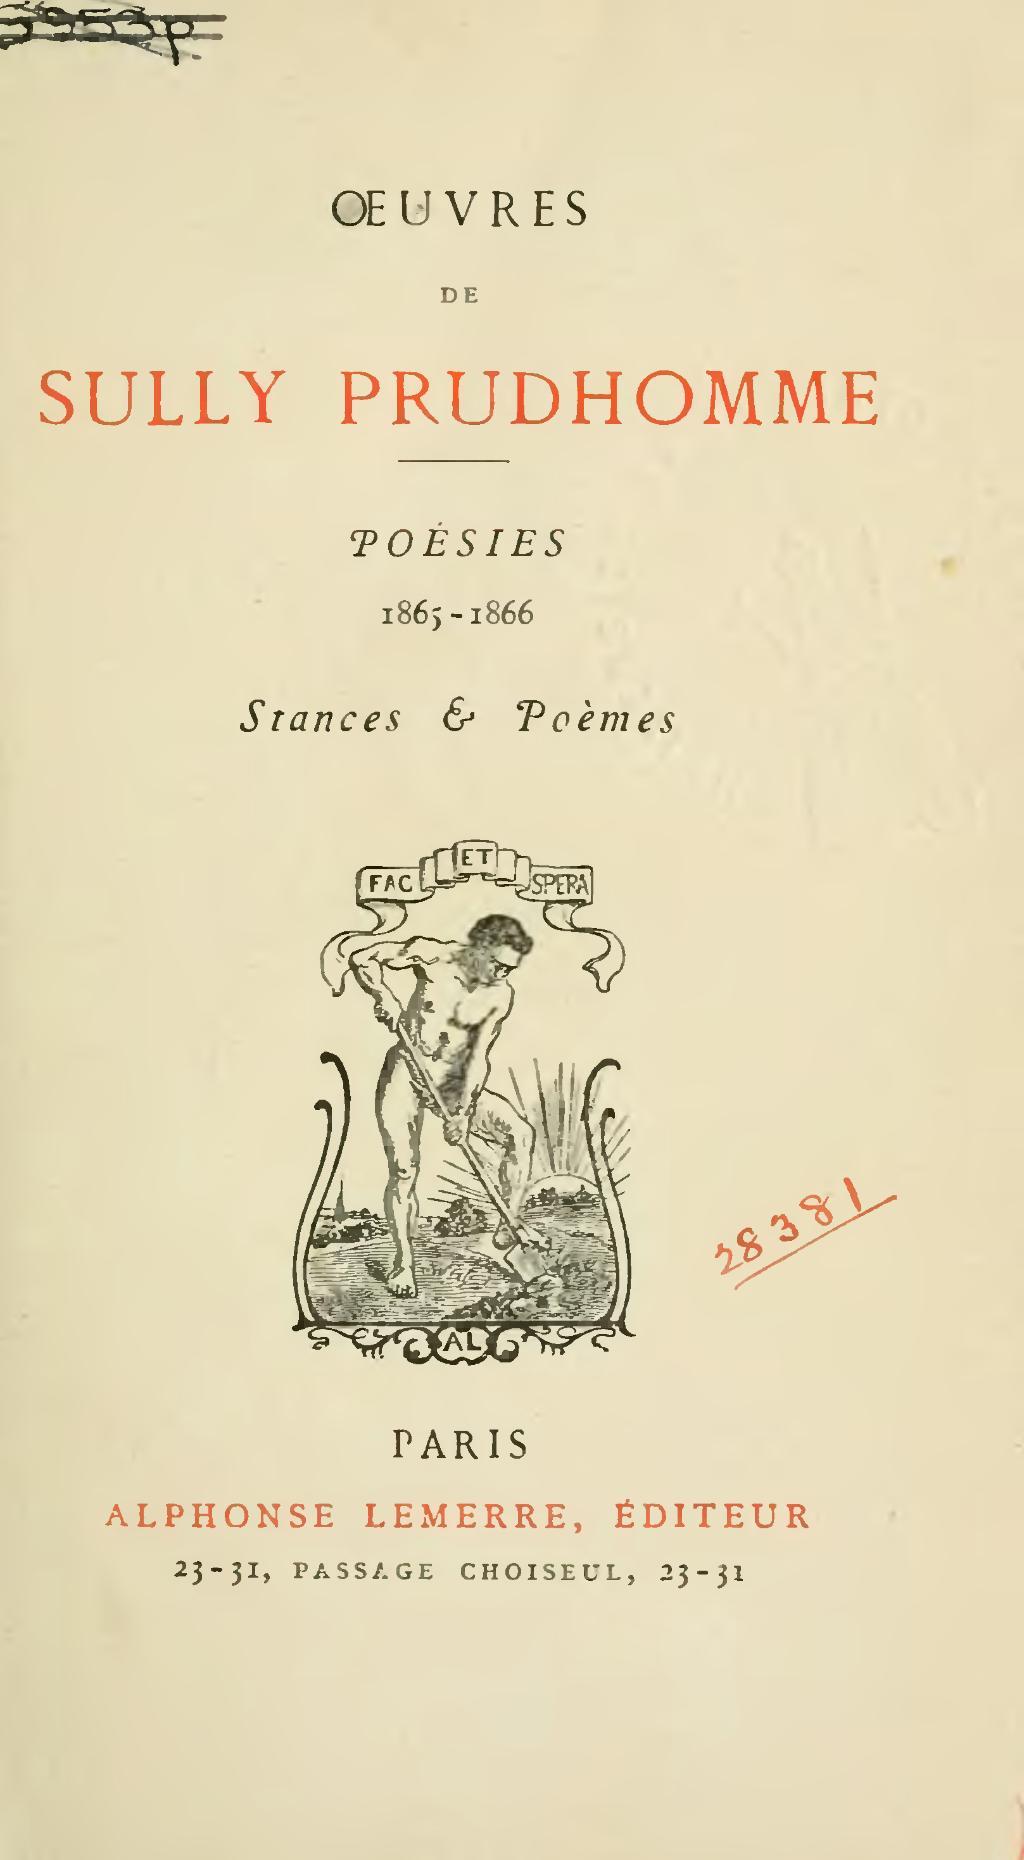 Pagesully Prudhomme œuvres Poésies 1865 1866djvu15